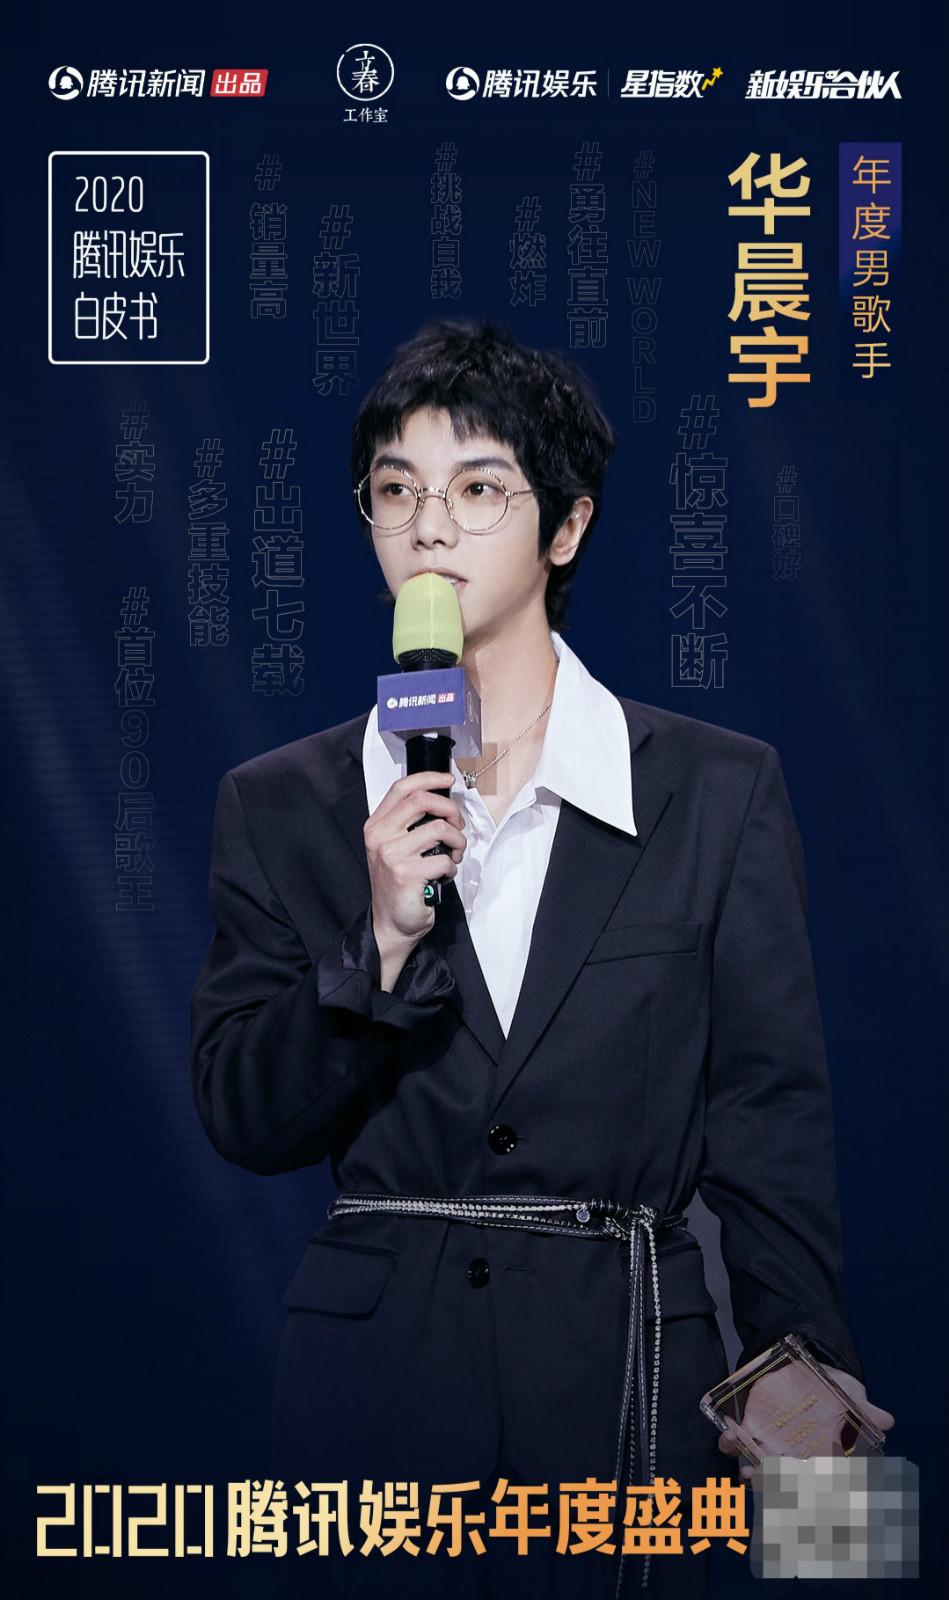 权威认证的年度歌手华晨宇 用实力诠释歌者力量